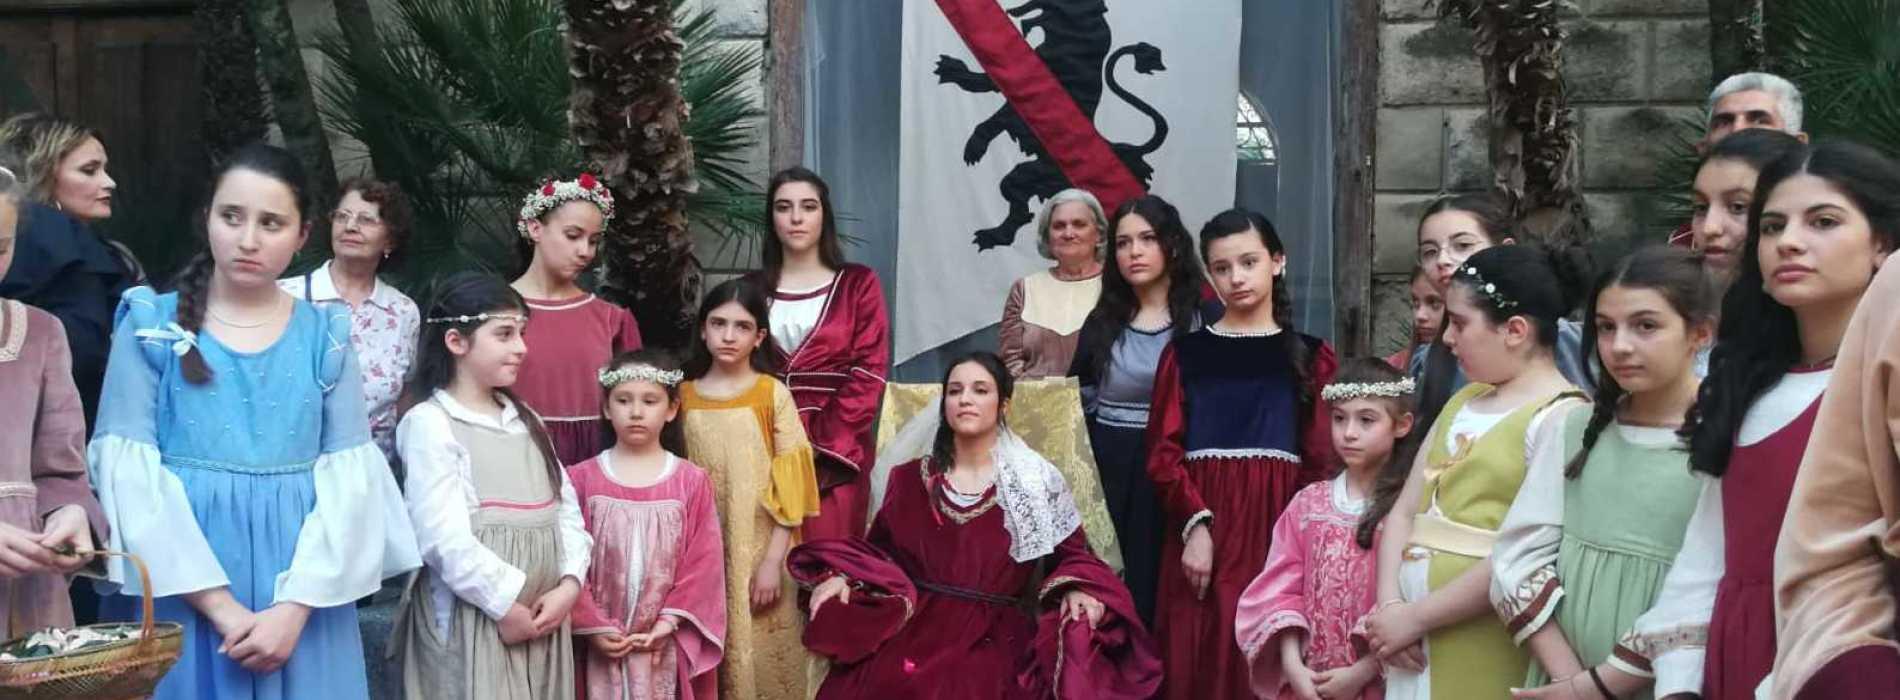 Ad Arienzo le nozze di Giovannella Stendardo, 600 anni dopo